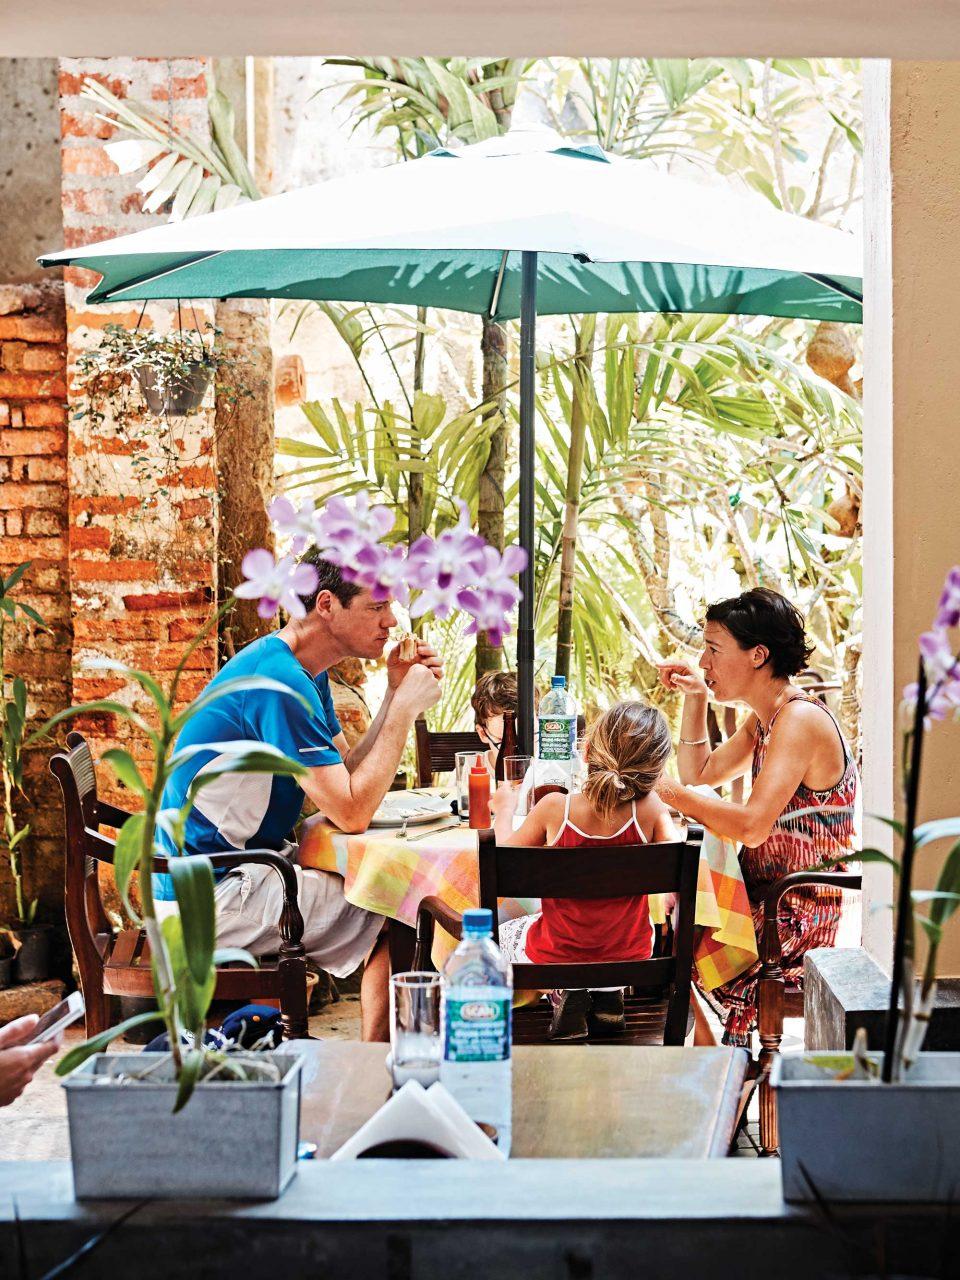 더 헤리티지 카페의 풍경은 유럽 휴양지의 분위기와 닮았다. 뜨거운 햇살은 갈레의 모든 곳들을 화려하게 비춘다. © 김재욱